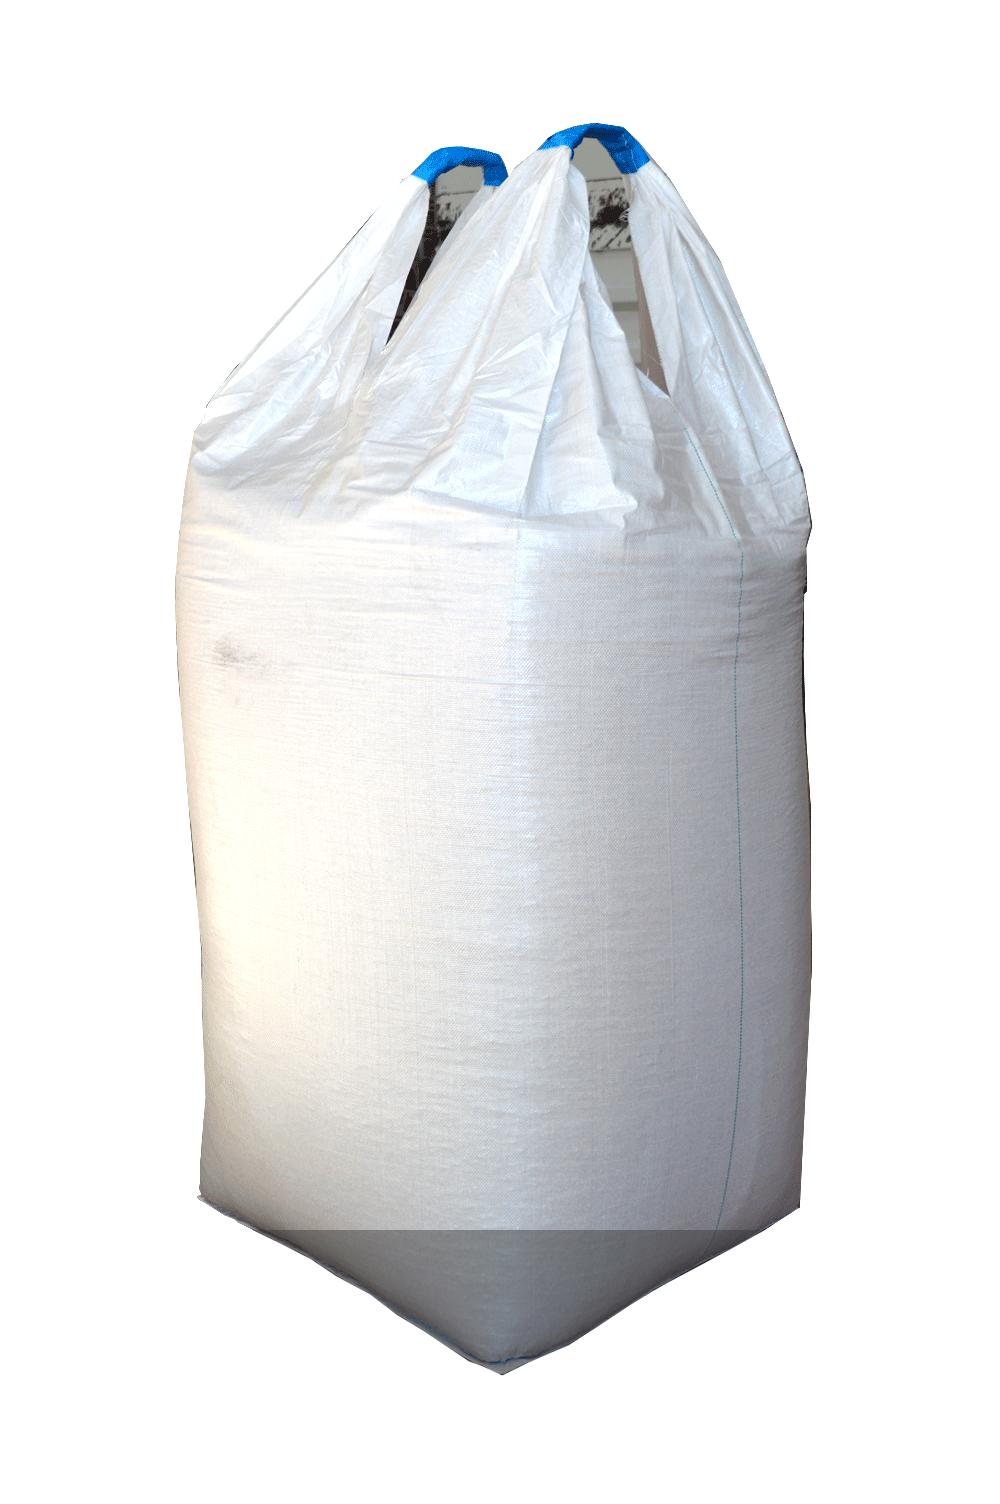 Переработка биг-бэгов: получение гранул из big-bag'ов